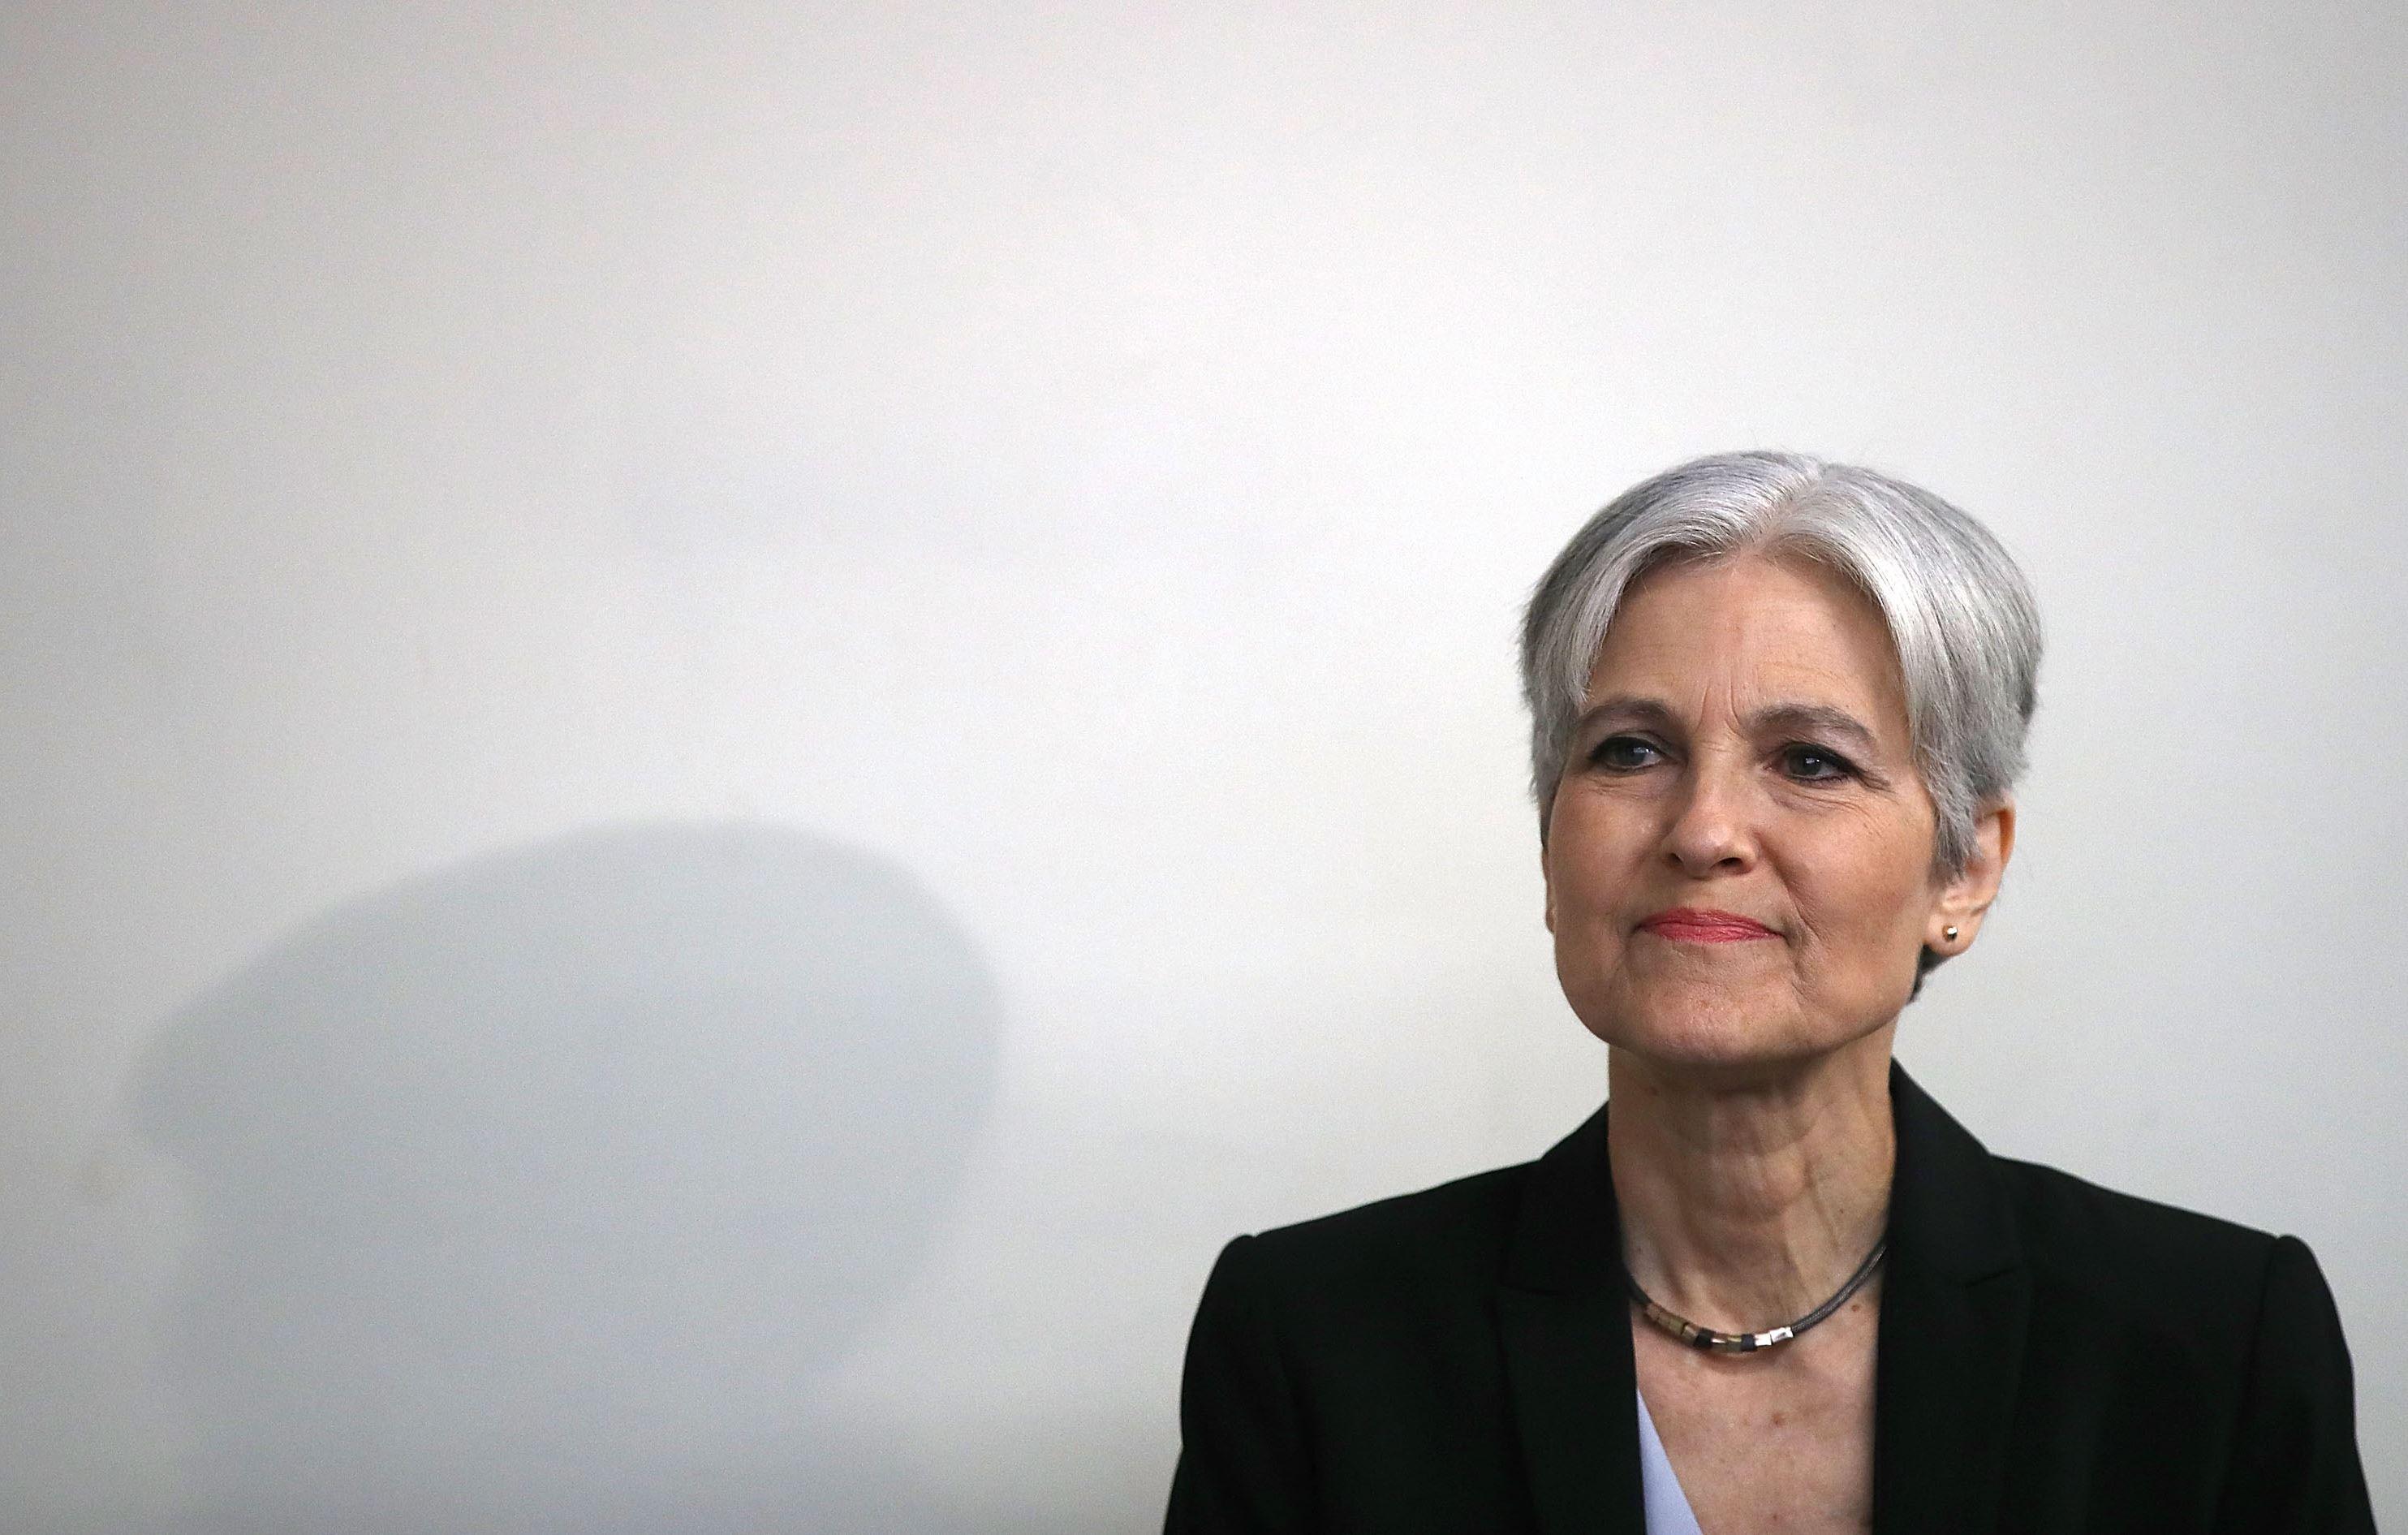 Clinton campaign will participate in vote recounts